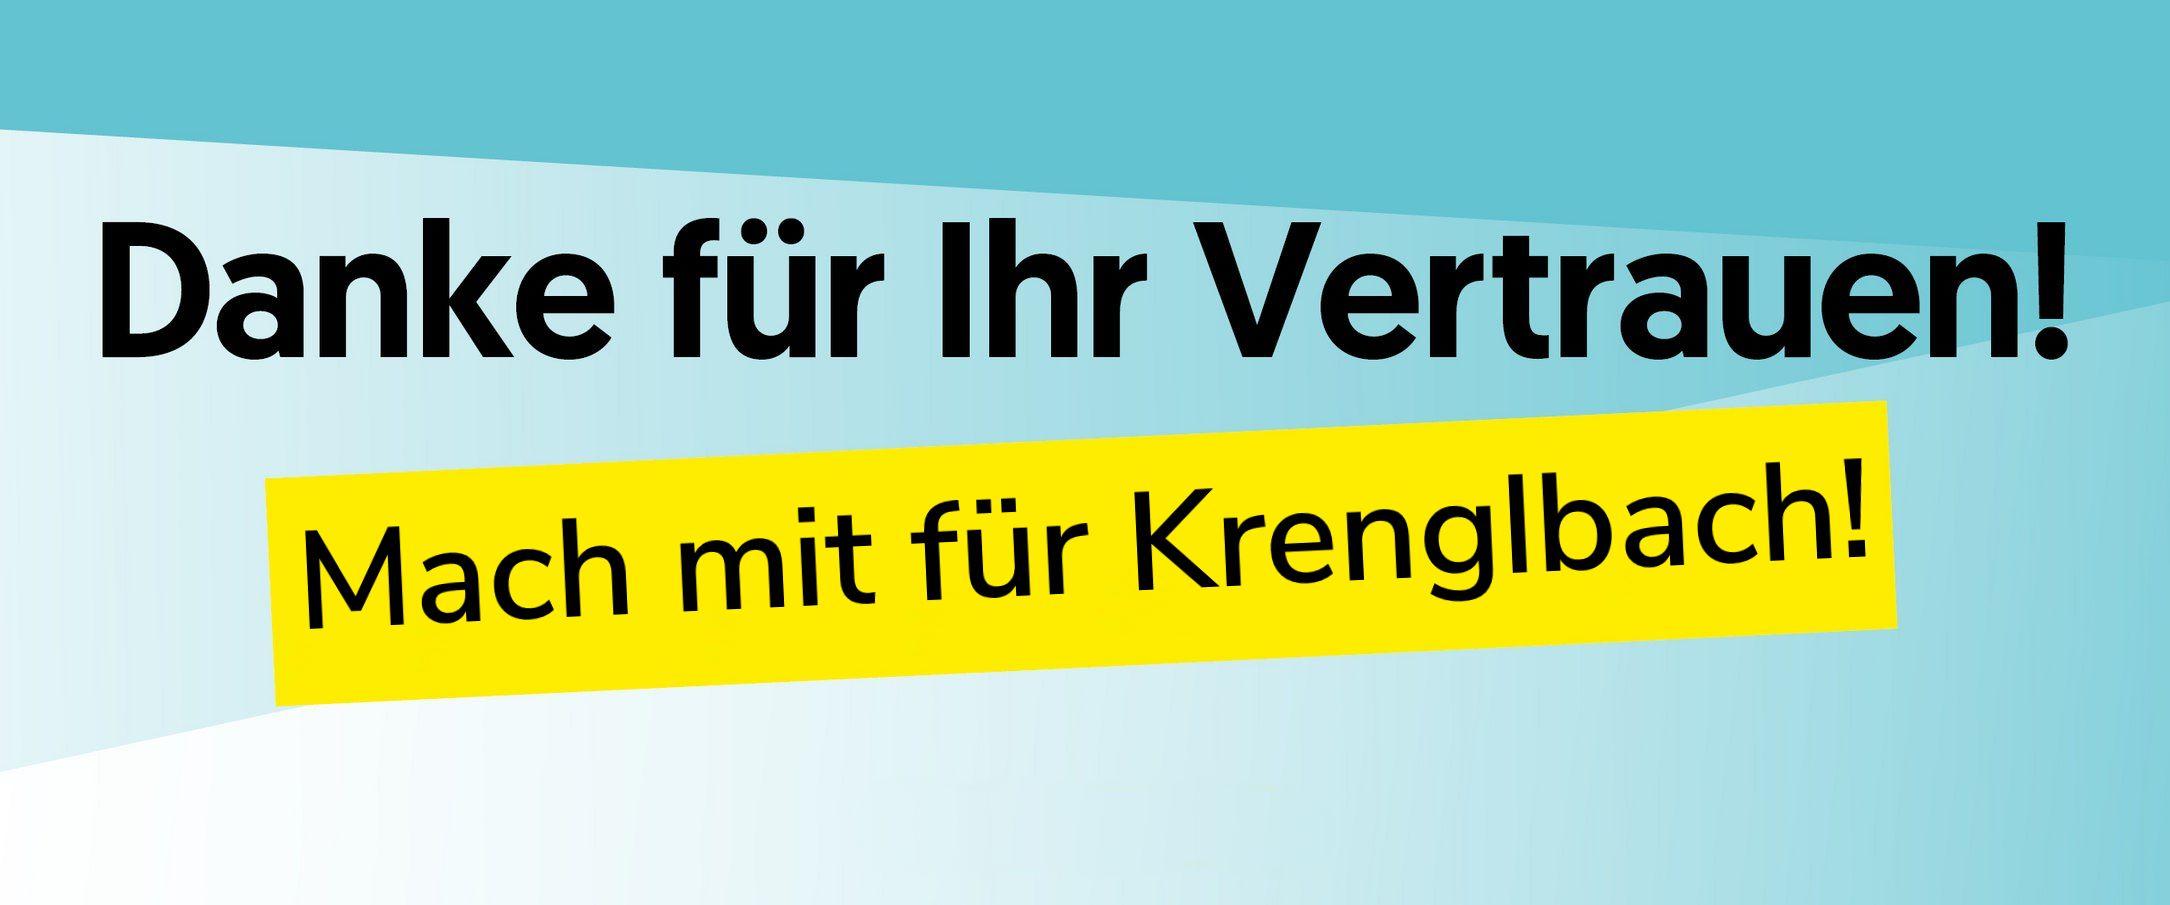 Danke Krenglbach NR 2019